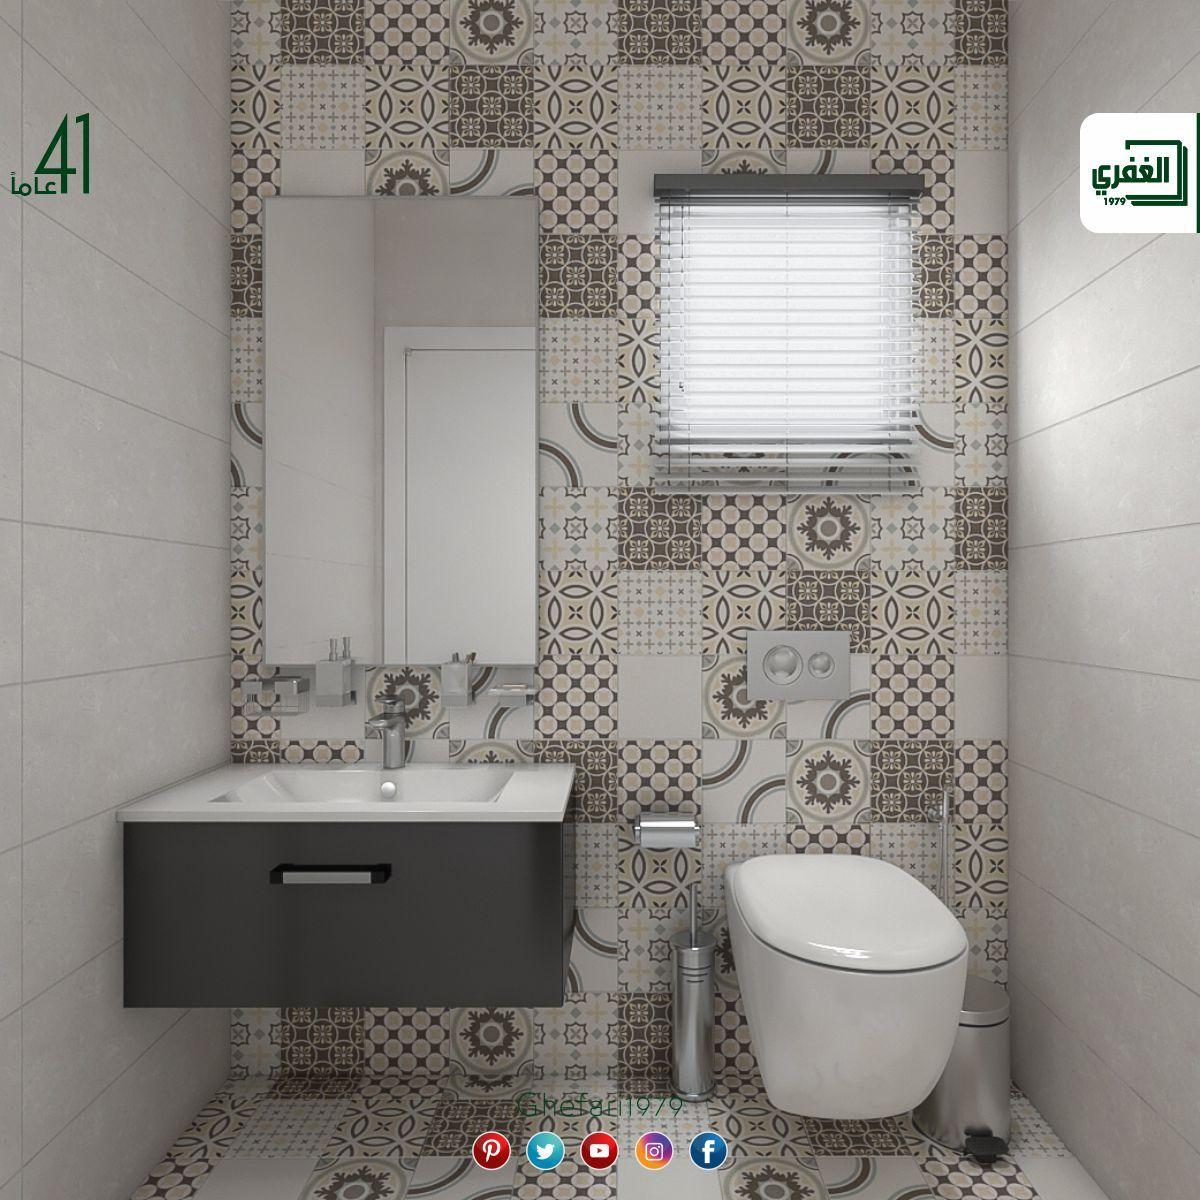 بورسلان أسباني ديكور اندلسي للاستخدام داخل الحمامات المطابخ اماكن اخرى للمزيد زورونا على موقع الشركة Https Framed Bathroom Mirror Bathroom Mirror Bathroom